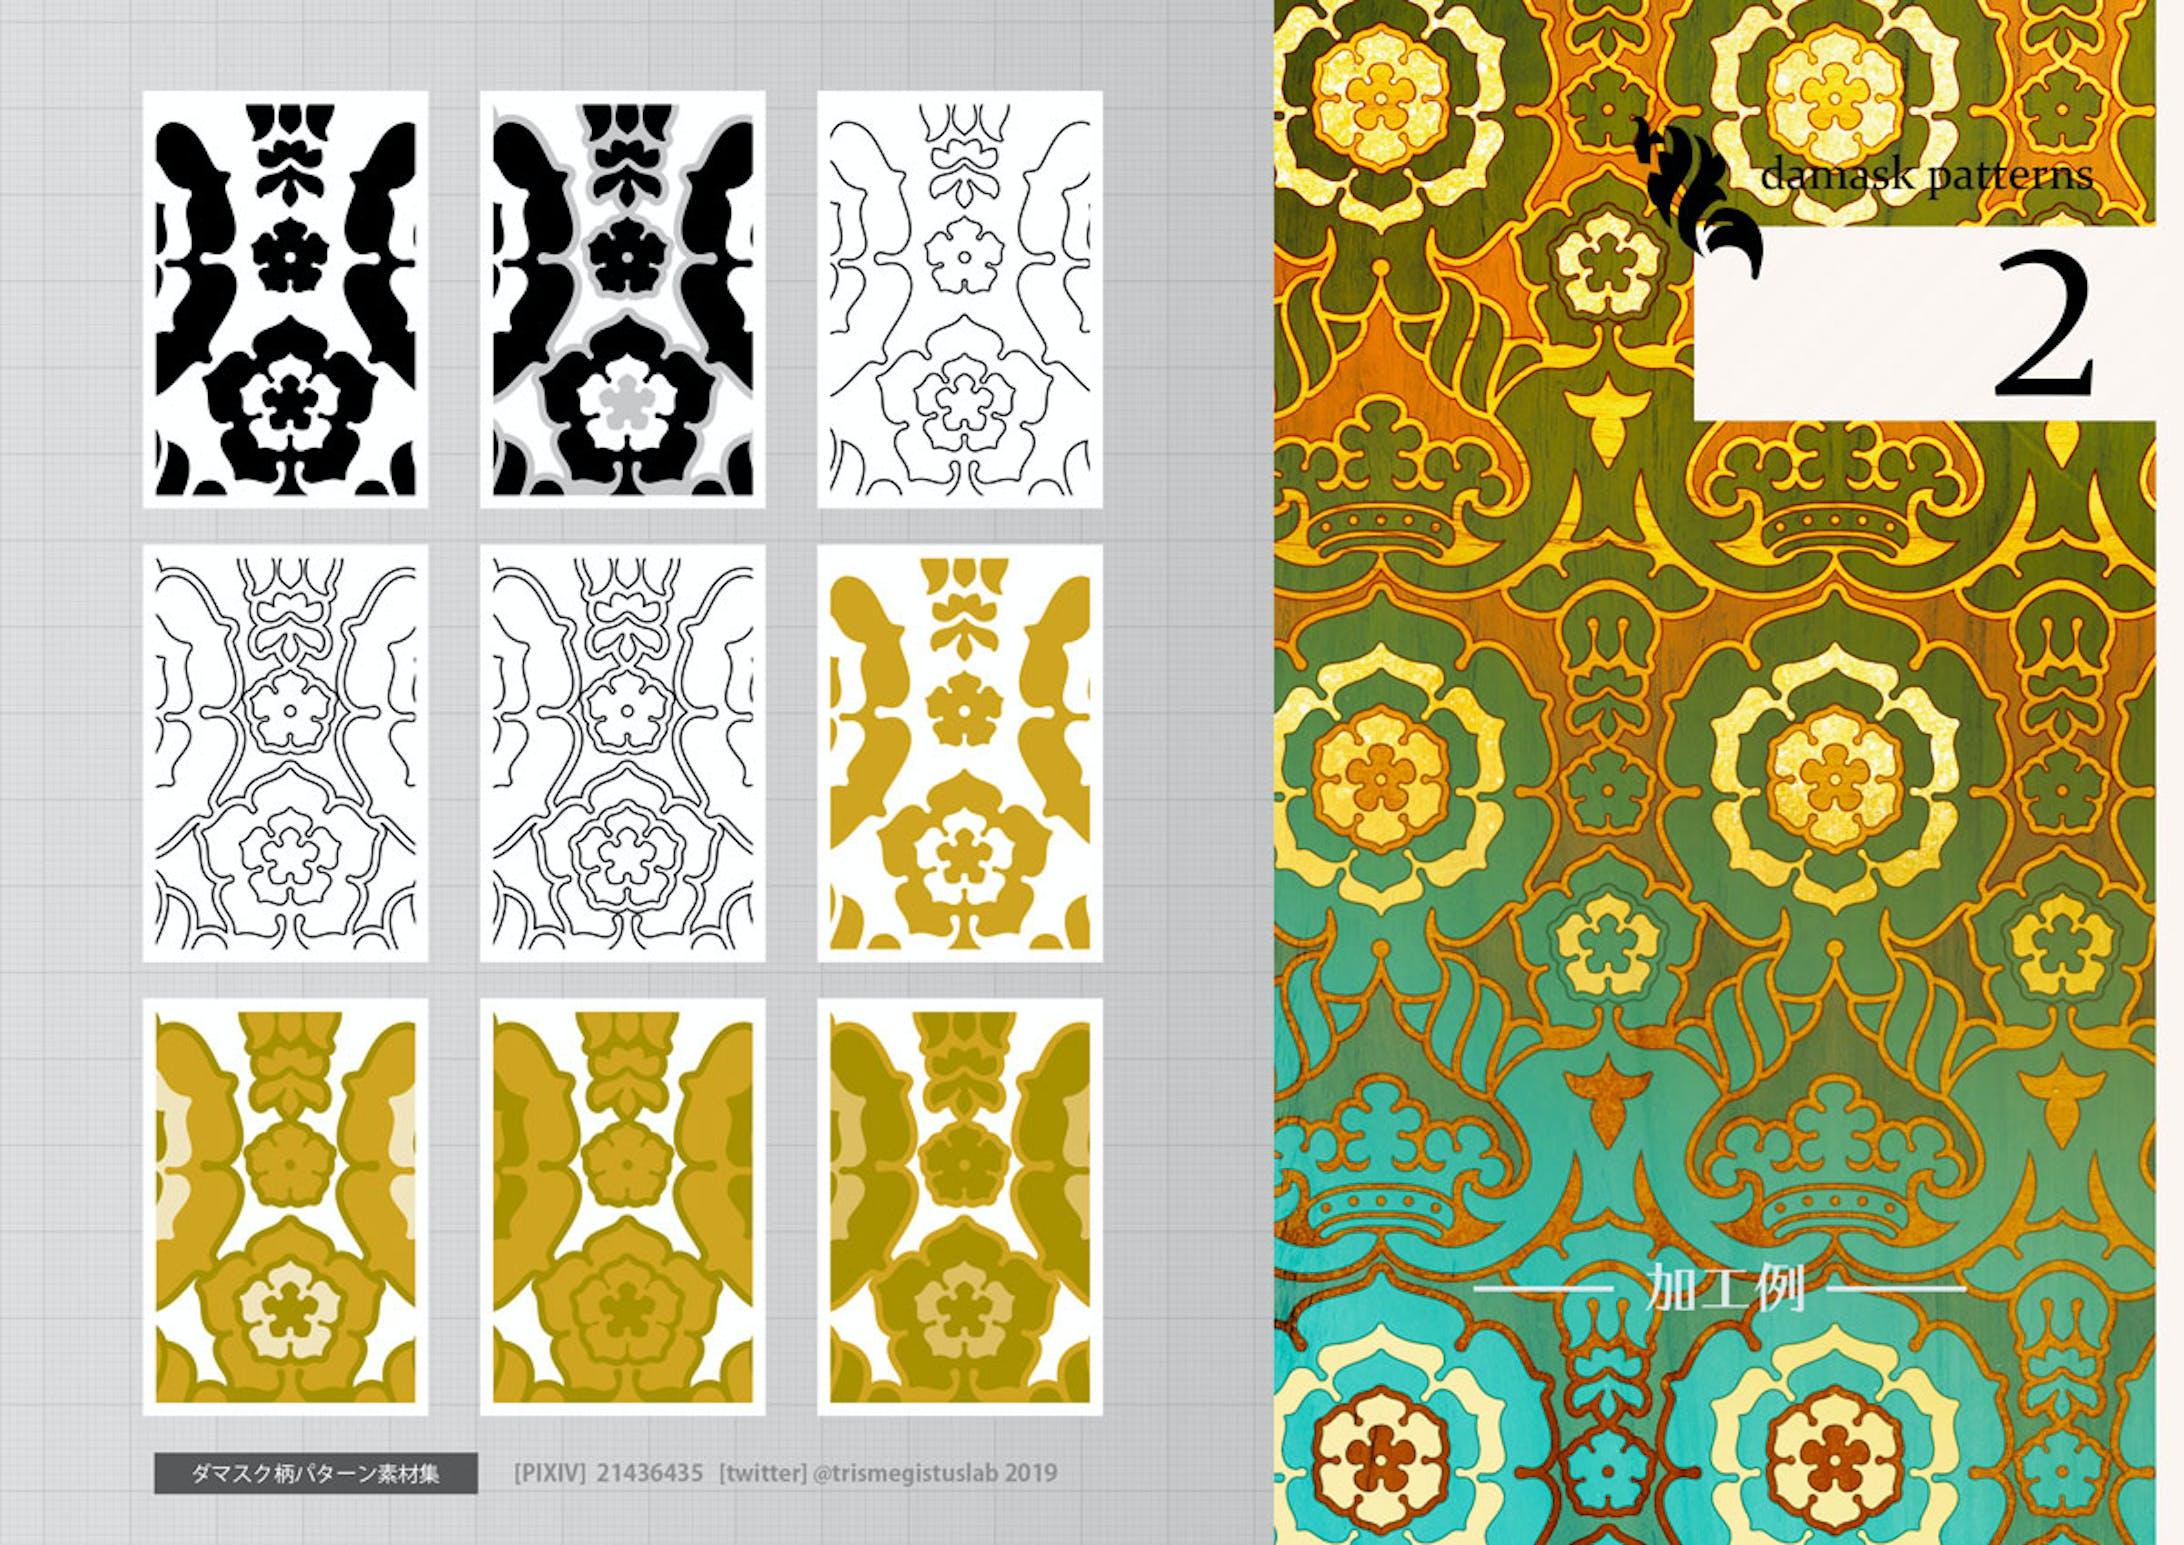 Illustratorでのシームレスパターン作成-3